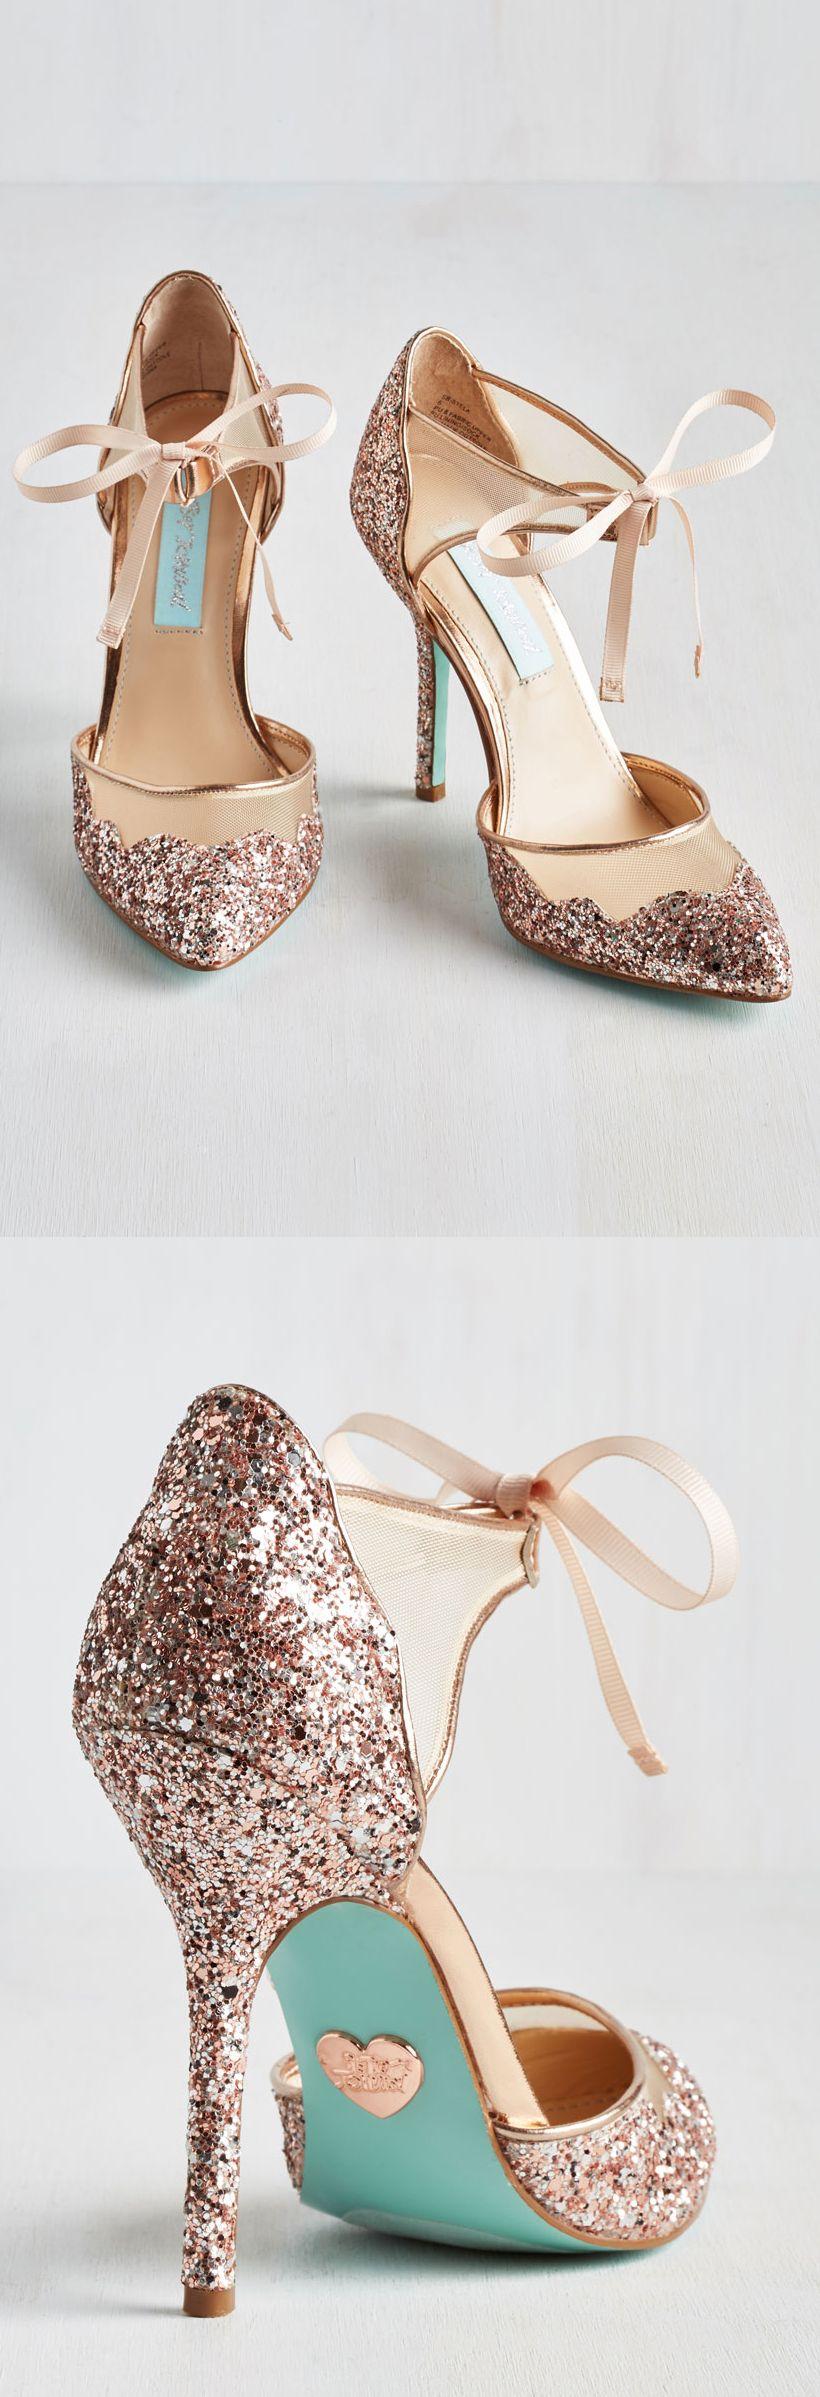 Rose Gold Glitter Heels Sapatos Sapatos De Casamento Sapatos Salto